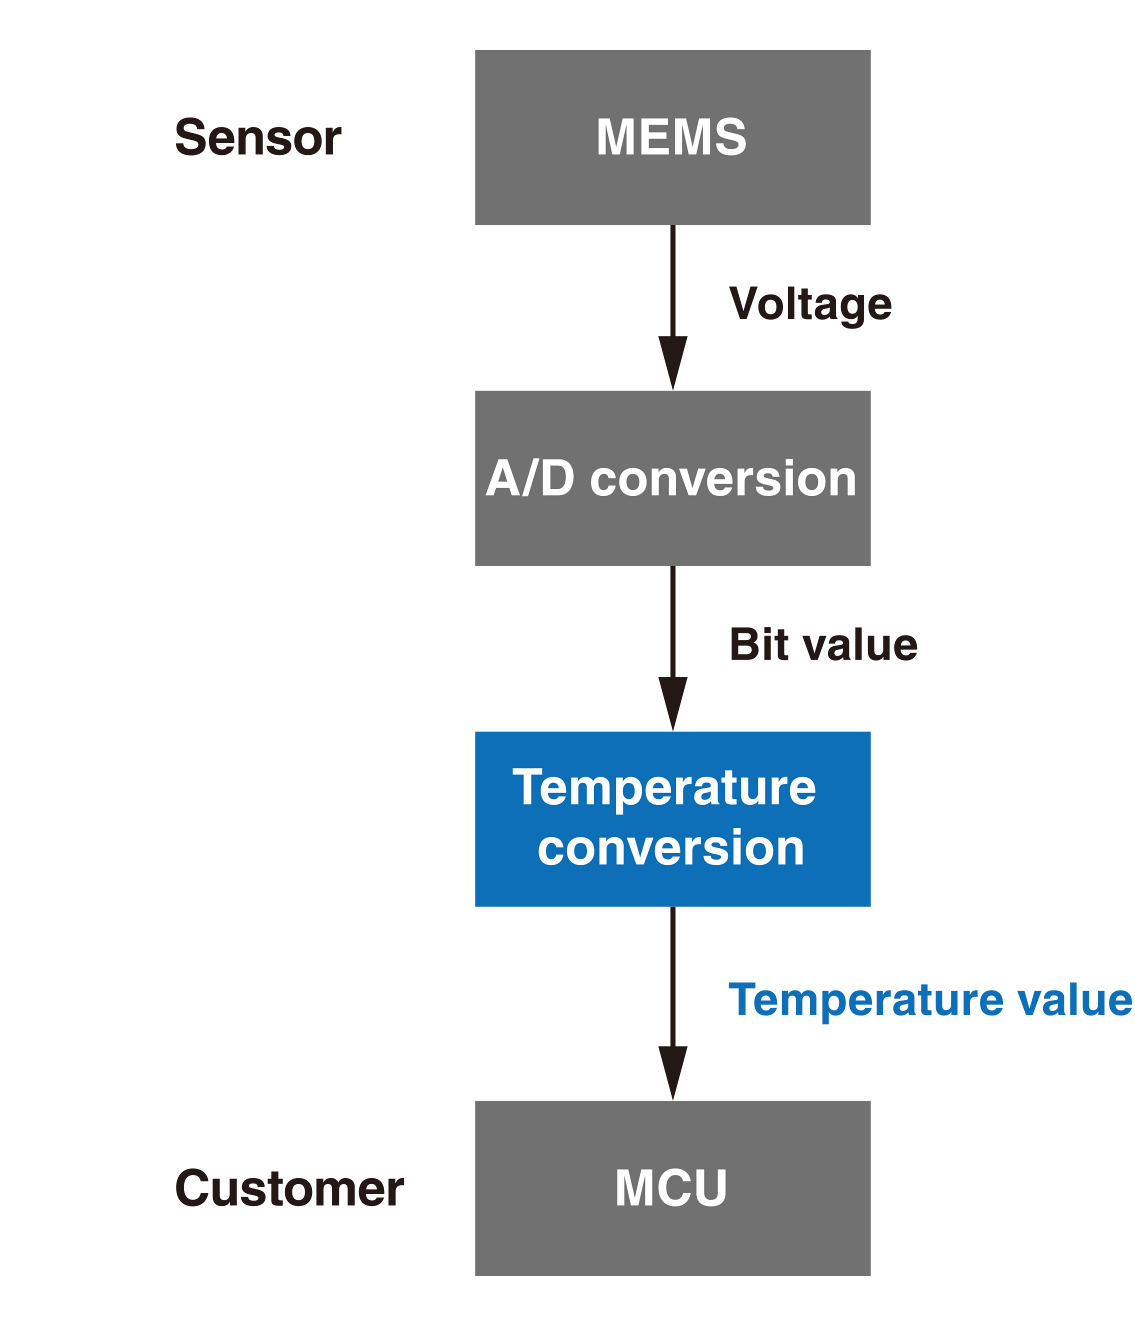 Sensor MEMS -> (Voltage) -> A/D conversion -> (Bit value) -> Temperature conversion(Temperature value) -> Customer MCU